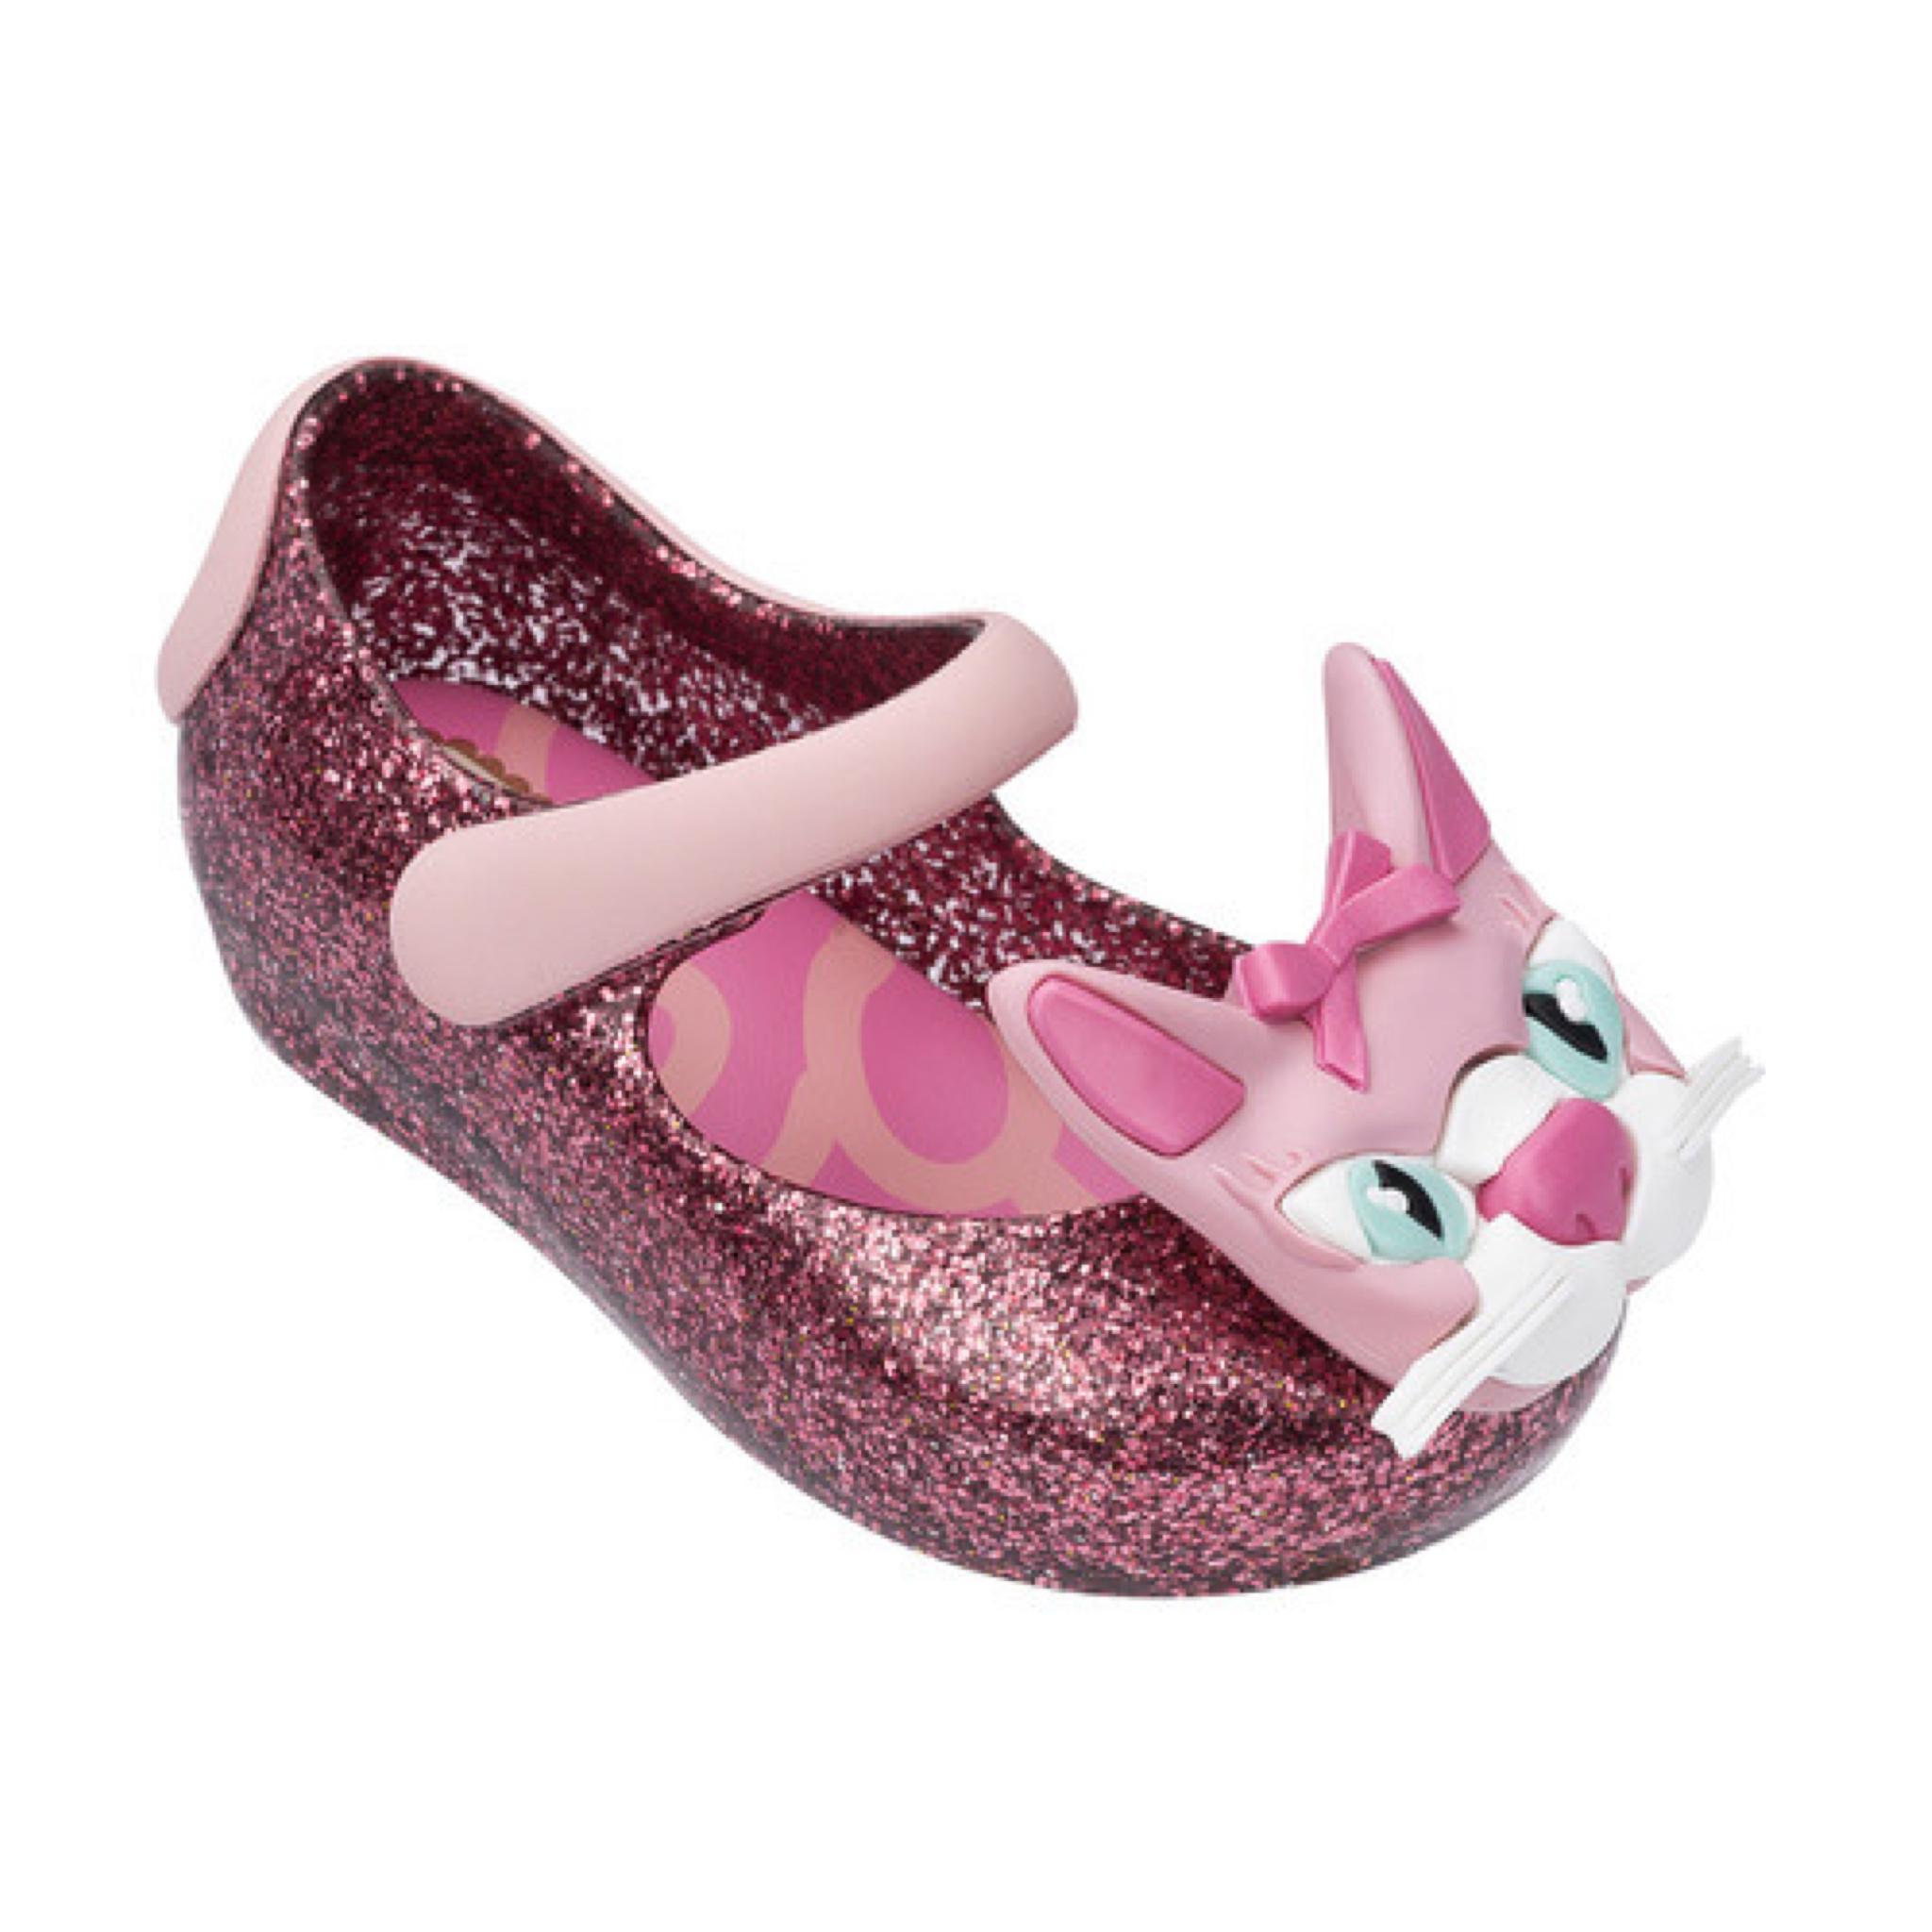 รองเท้าแมวน้อยรุ่นใหม่สำหรับลูกสาว Mini Melissa รุ่น Ultragirl Cat VII (Pink Glitter)